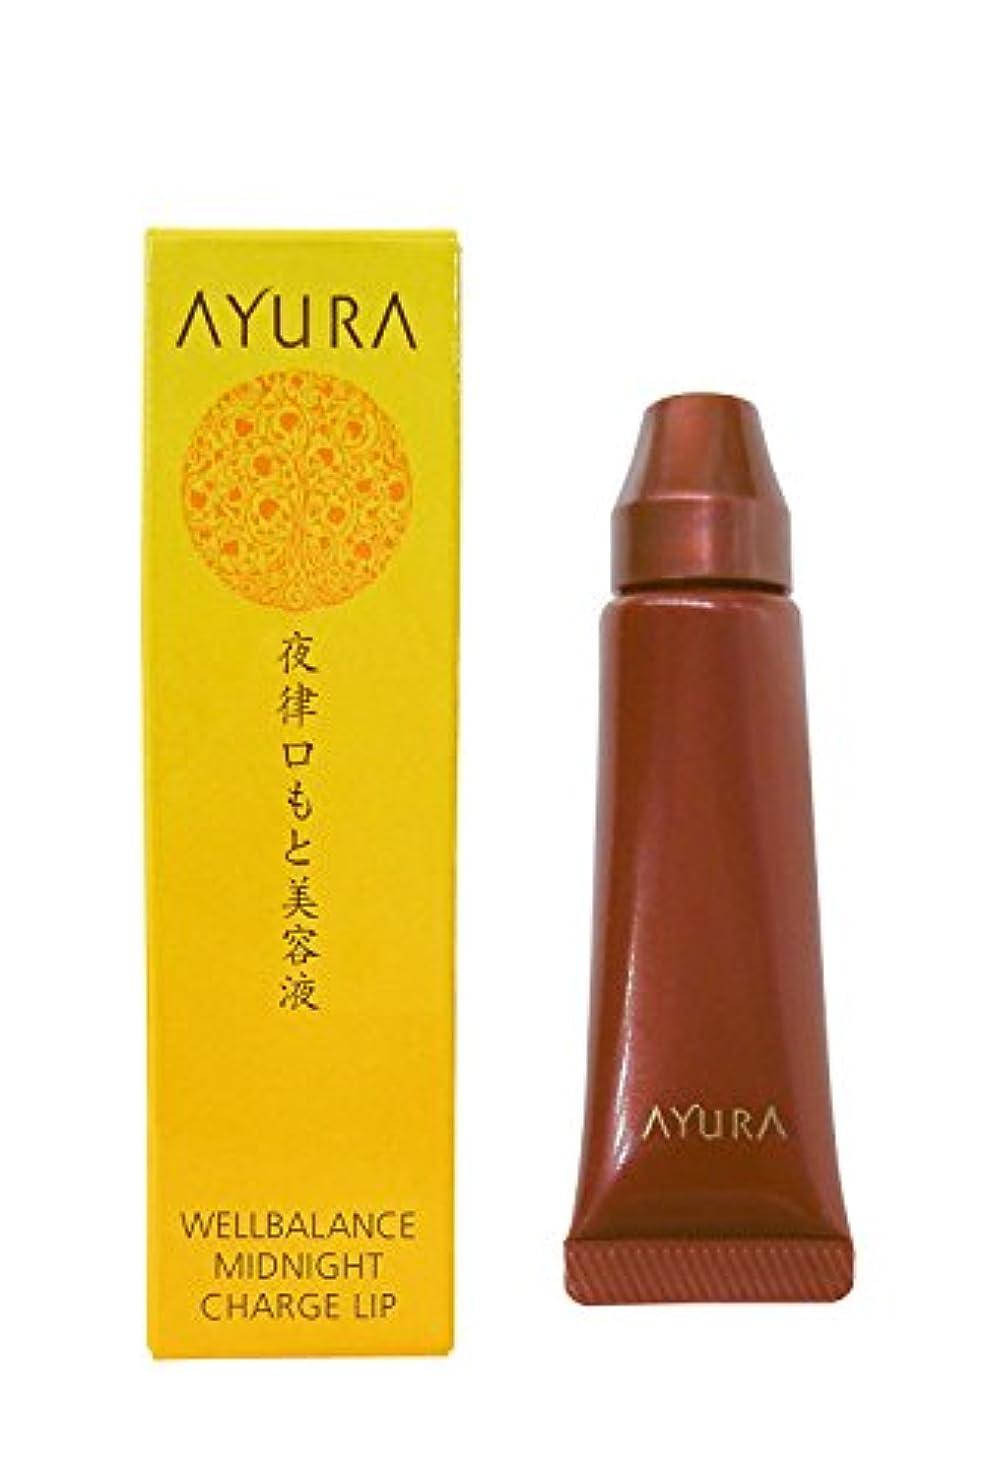 年次敬なカップルアユーラ (AYURA) ウェルバランス ミッドナイトチャージリップ 10g 〈唇 口もと用 美容液〉